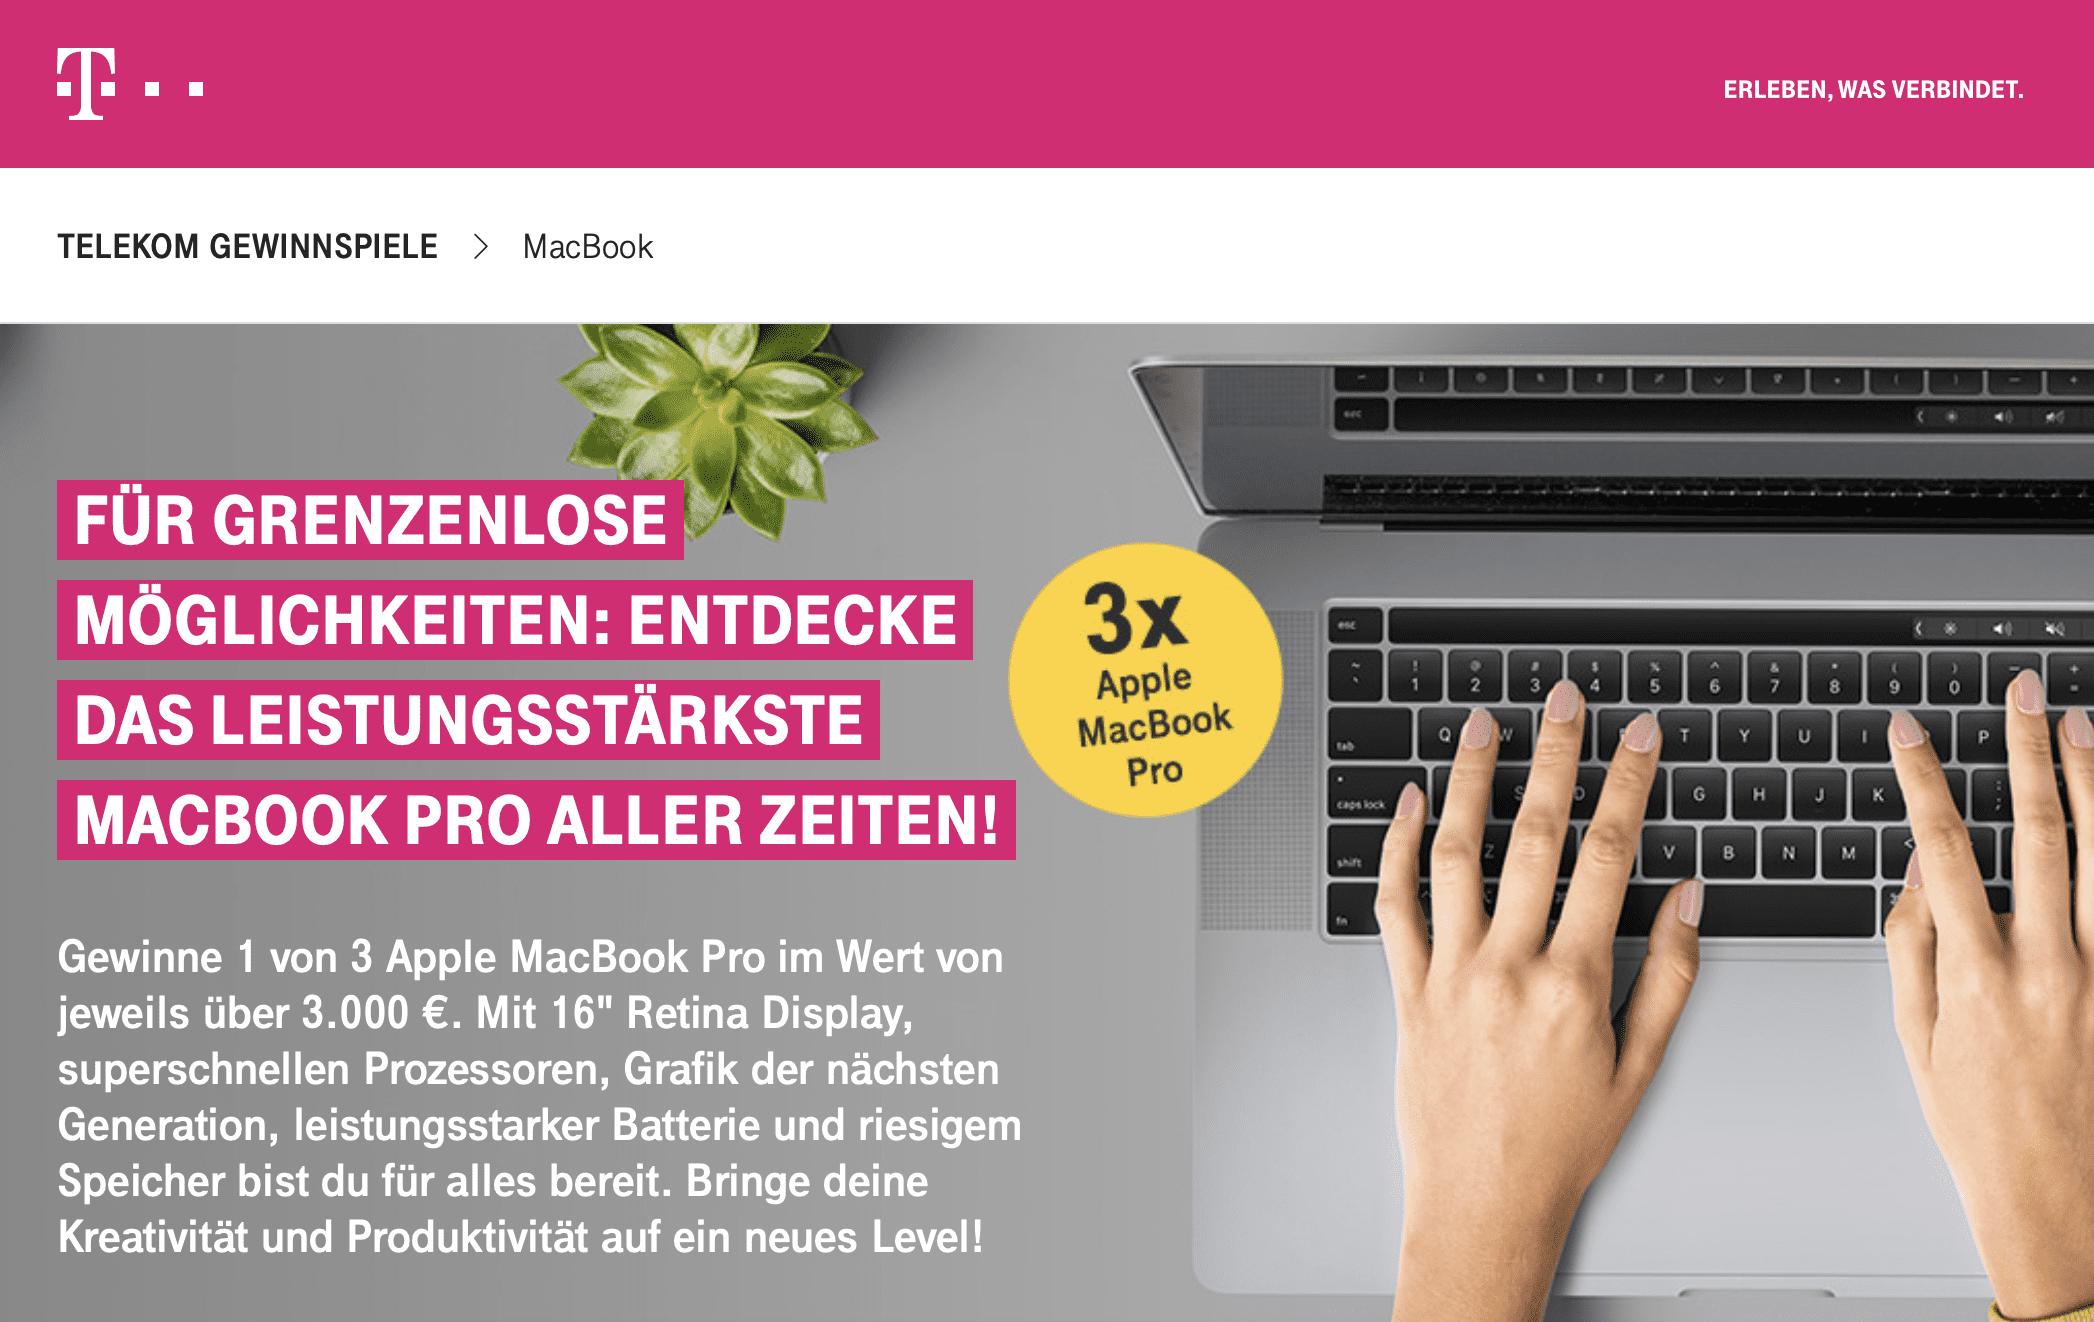 Gewinnspiele zur Lead-Generierung: Macbook Pro mit der Telekom gewinnen